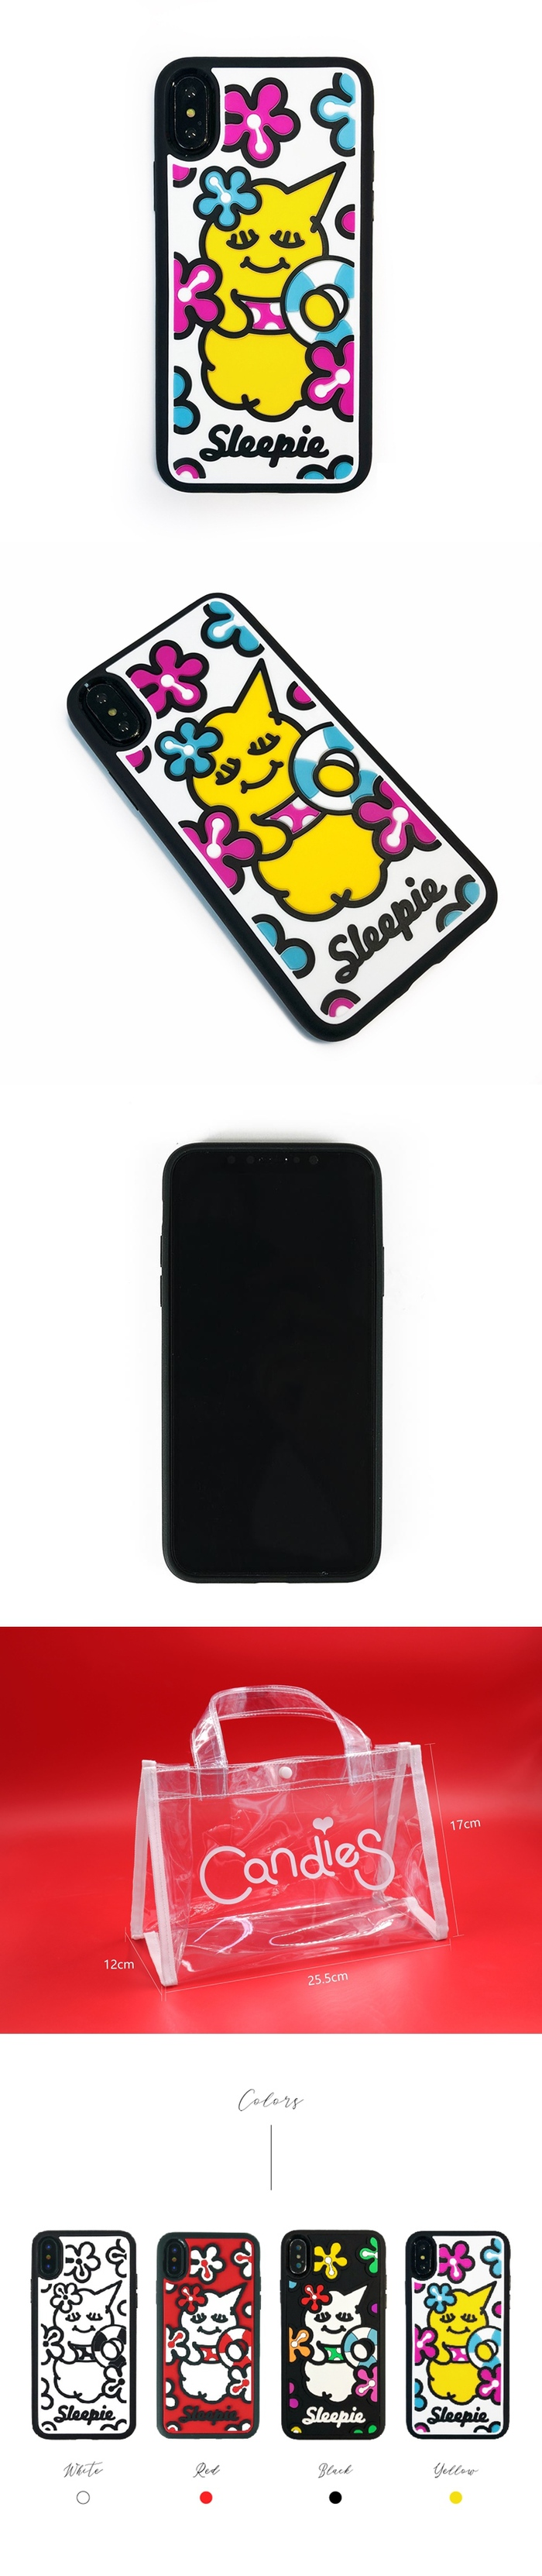 (複製)Candies 睡眠寶寶方型殼(夏日黑)-IPhone X/XS